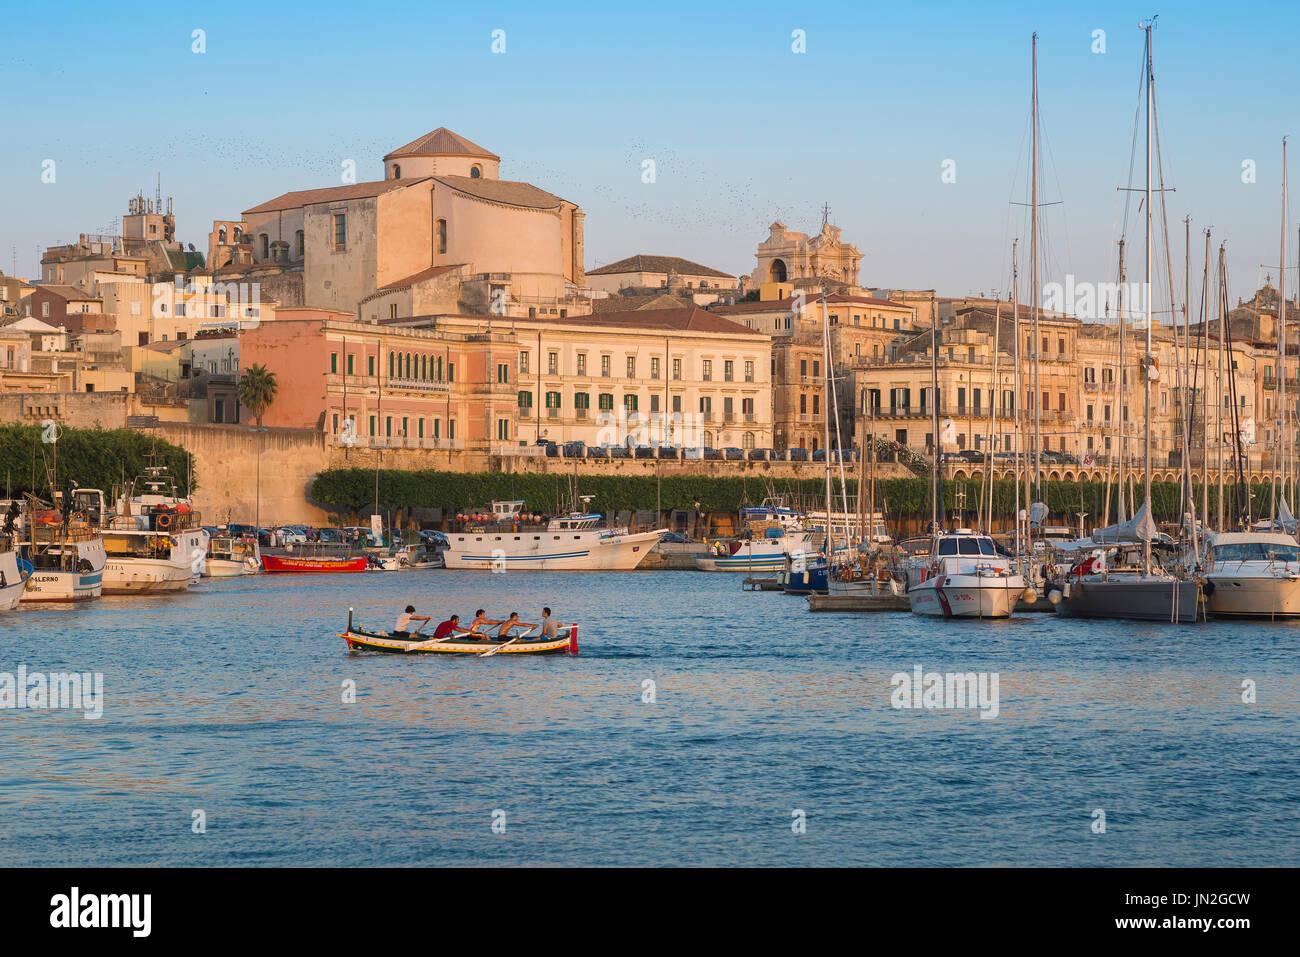 Syrakus Sizilien Stadtbild, Rudern crew Praxis in den Hafen (Porto Grande) der Insel Ortygia (Ortigia), Syrakus, Sizilien. Stockbild